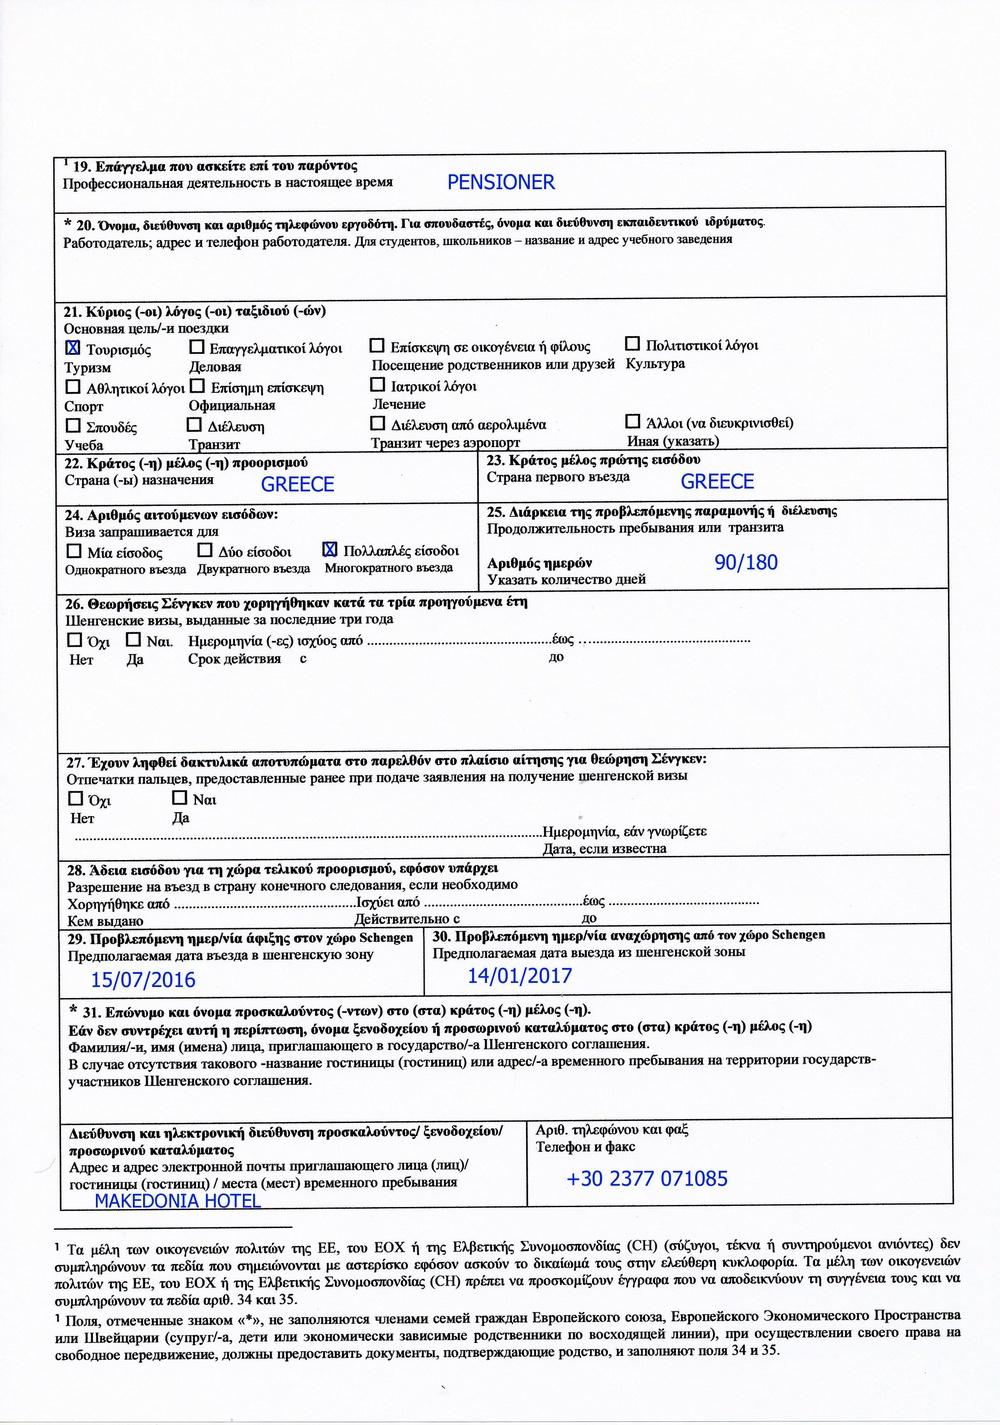 Образец анкеты на визу в Грецию, стр. 2